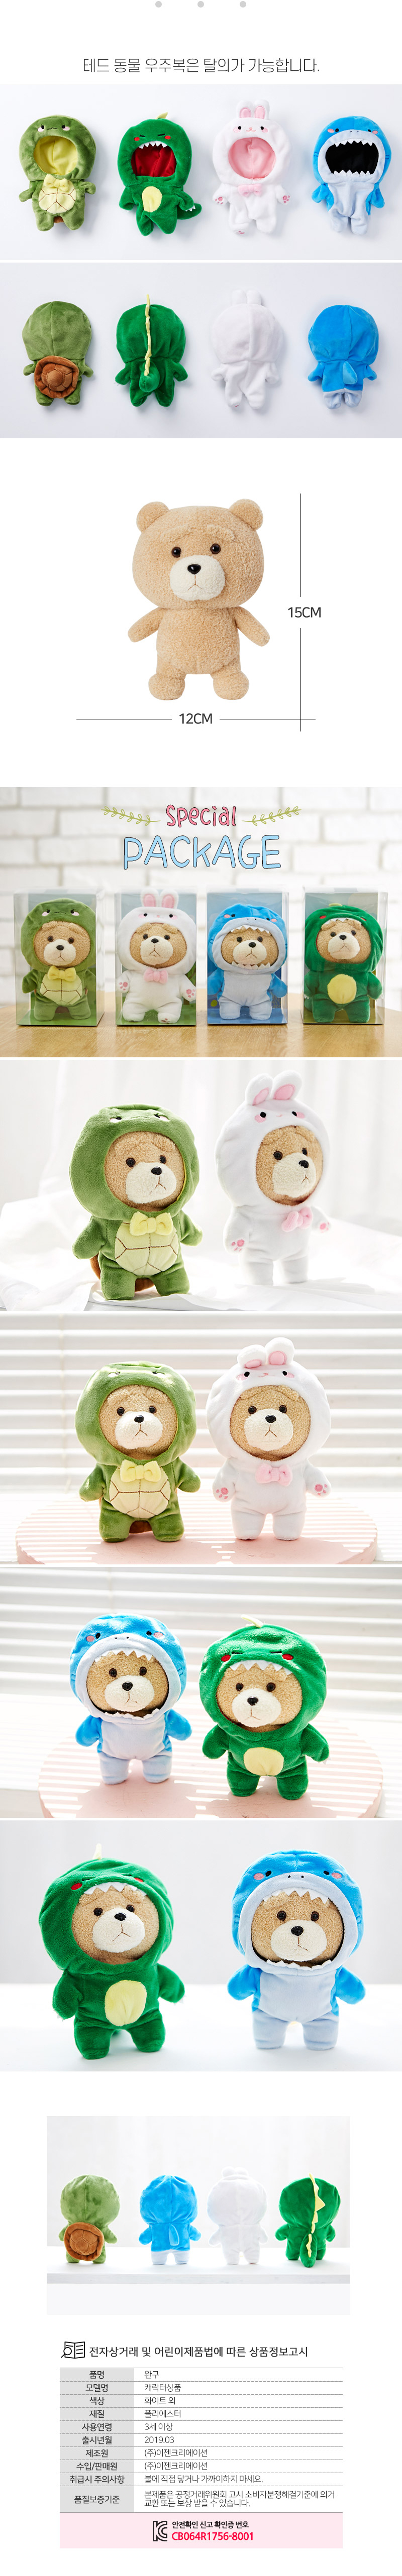 19곰테드 동물옷 거북이 꼬북 우주복 캐릭터 인형 - 이젠돌스, 14,000원, 캐릭터인형, 기타 캐릭터 인형